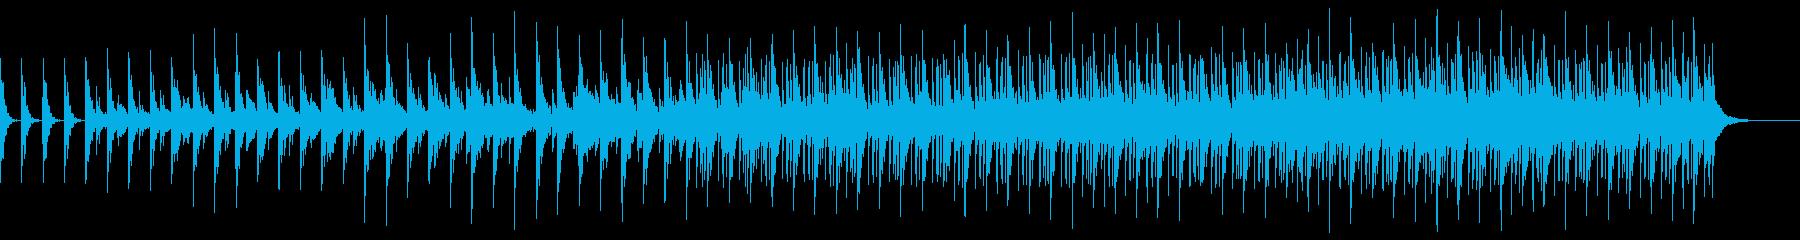 不規則なメロディーの幻想的な曲の再生済みの波形